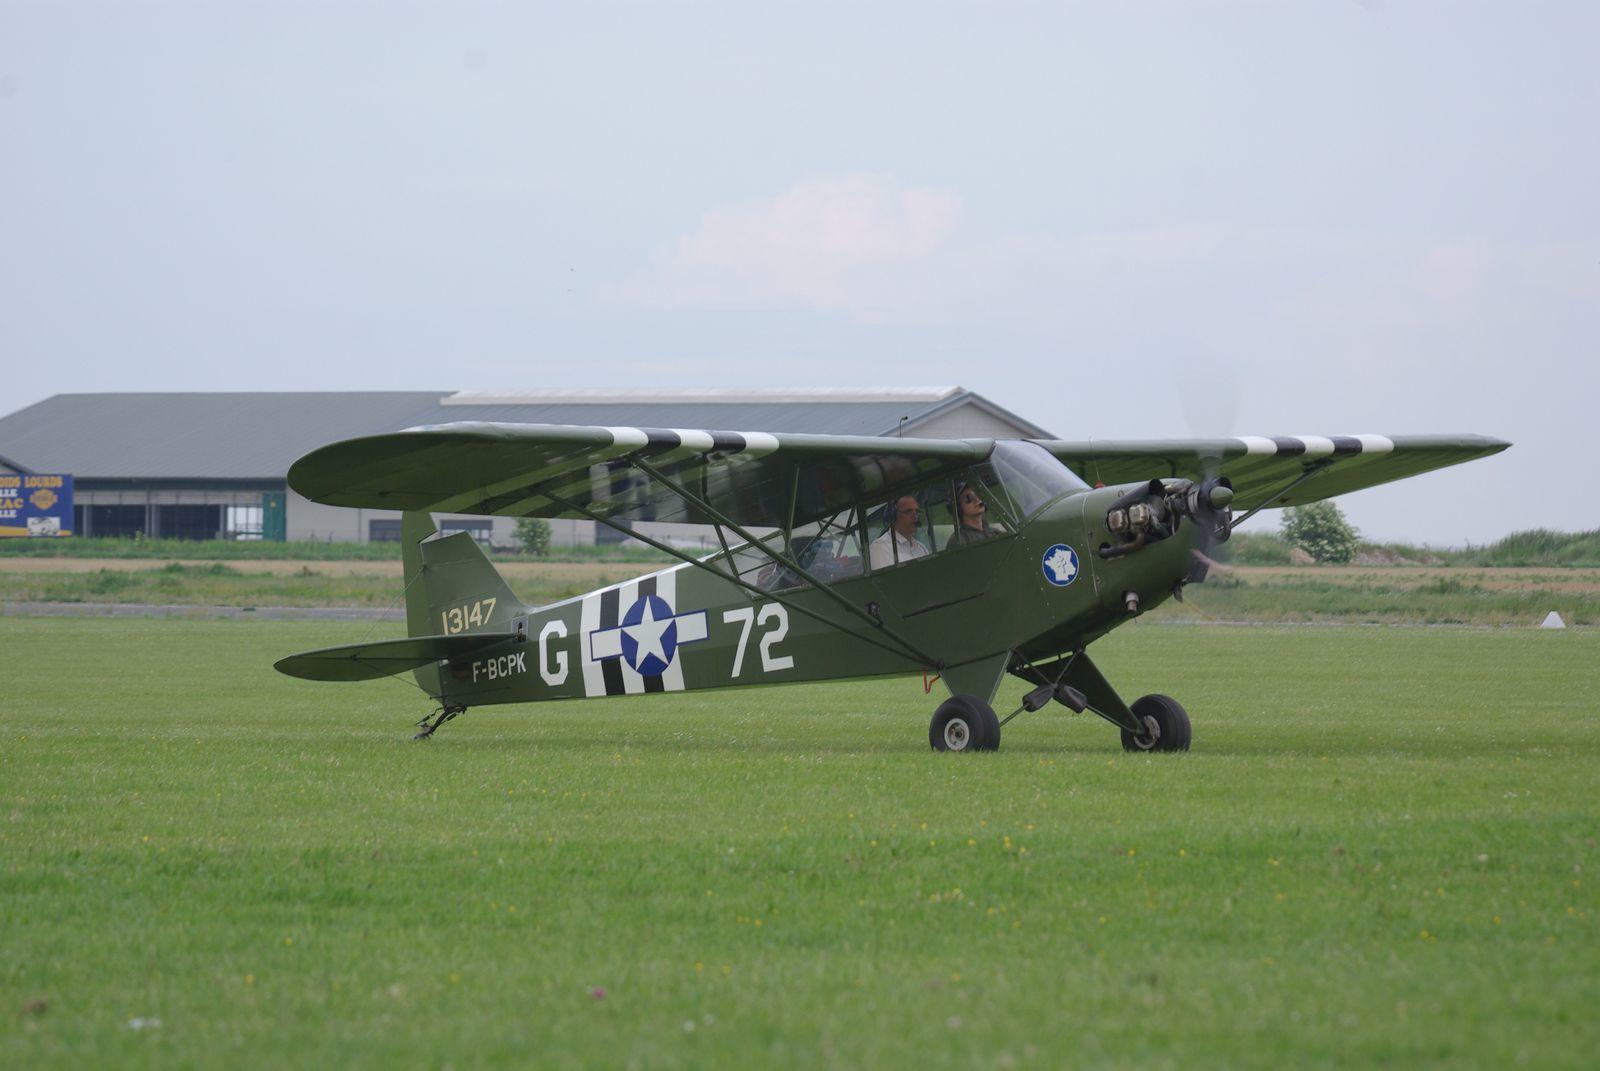 Un visiteur avec le Piper J-3 Cub F-BCPK.